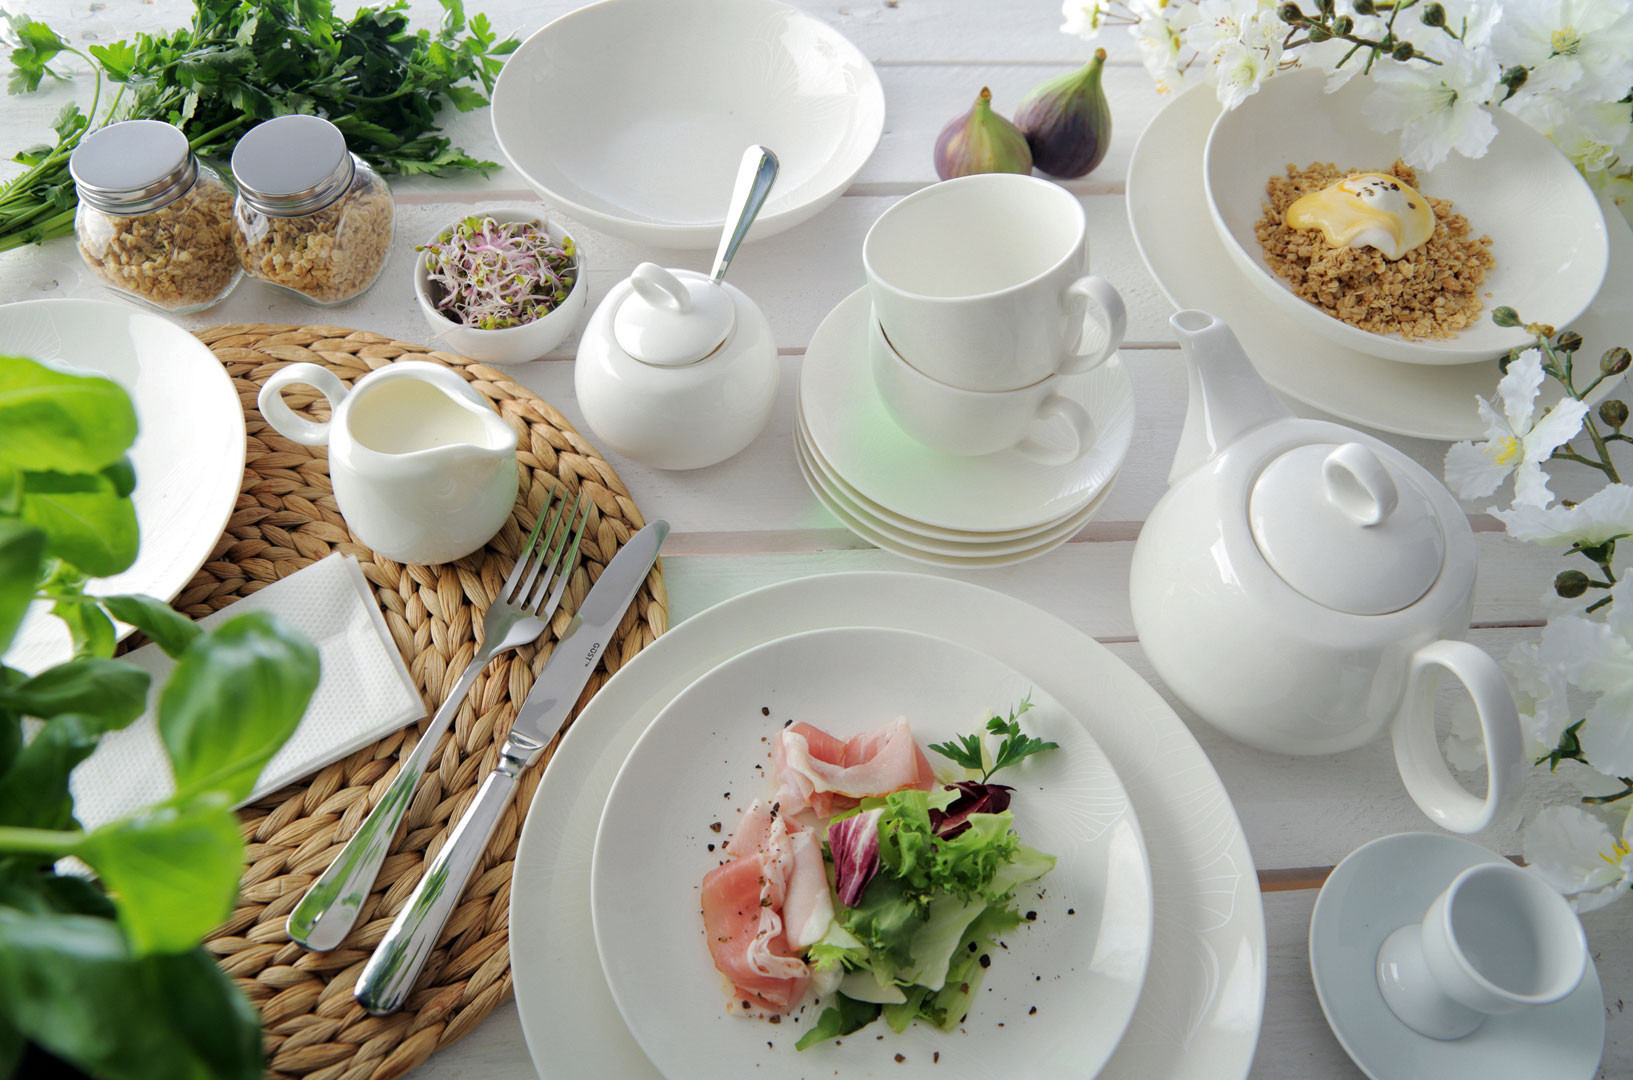 мода намного фото белой посуды с едой последнее